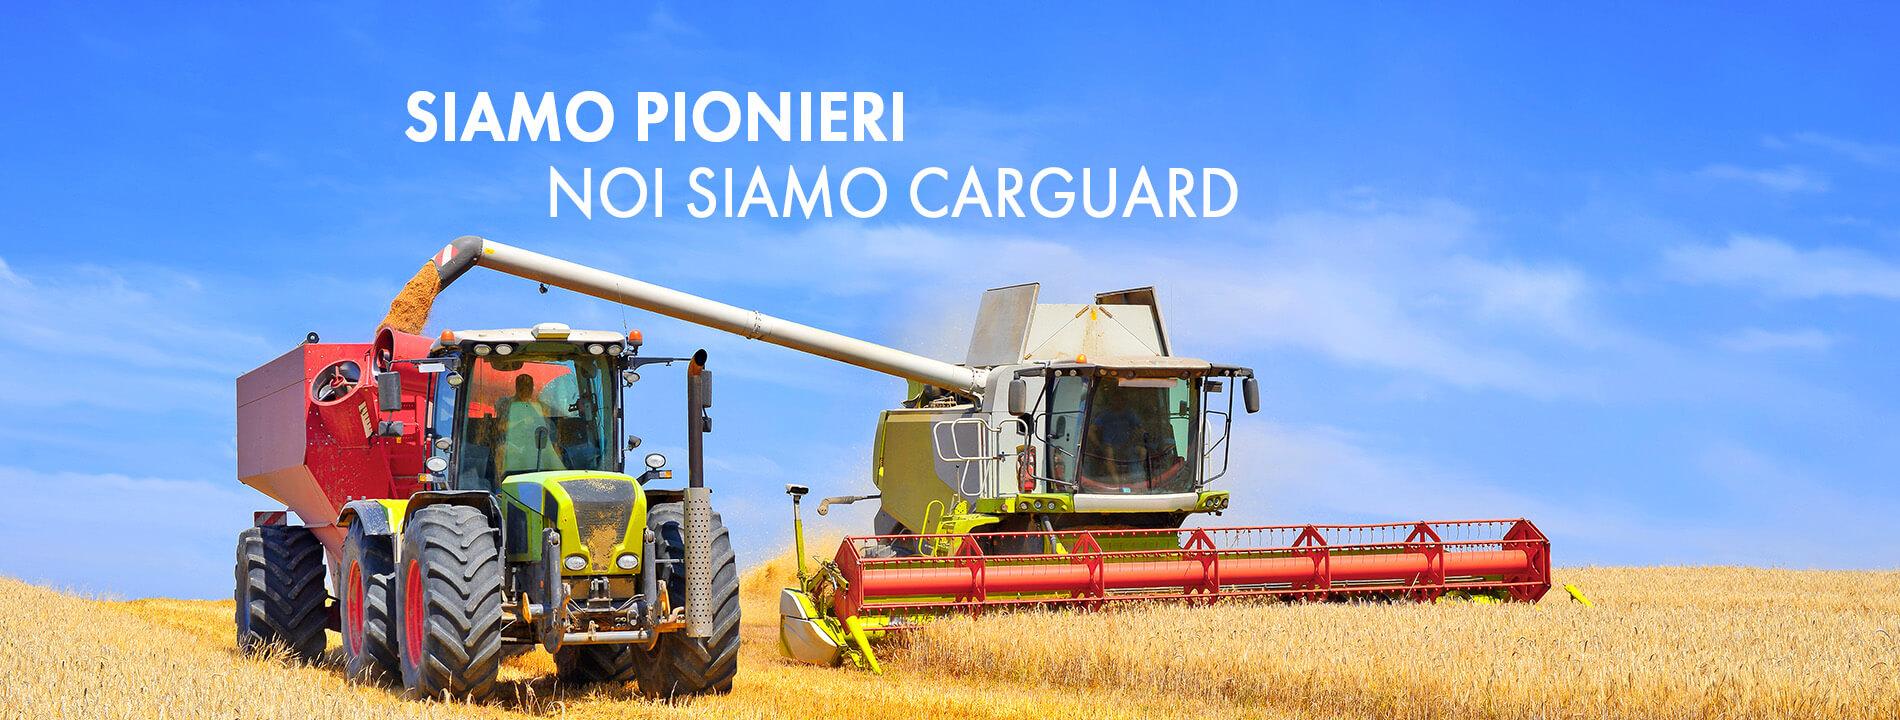 Siamo pionieri - Noi siamo Car Guard!